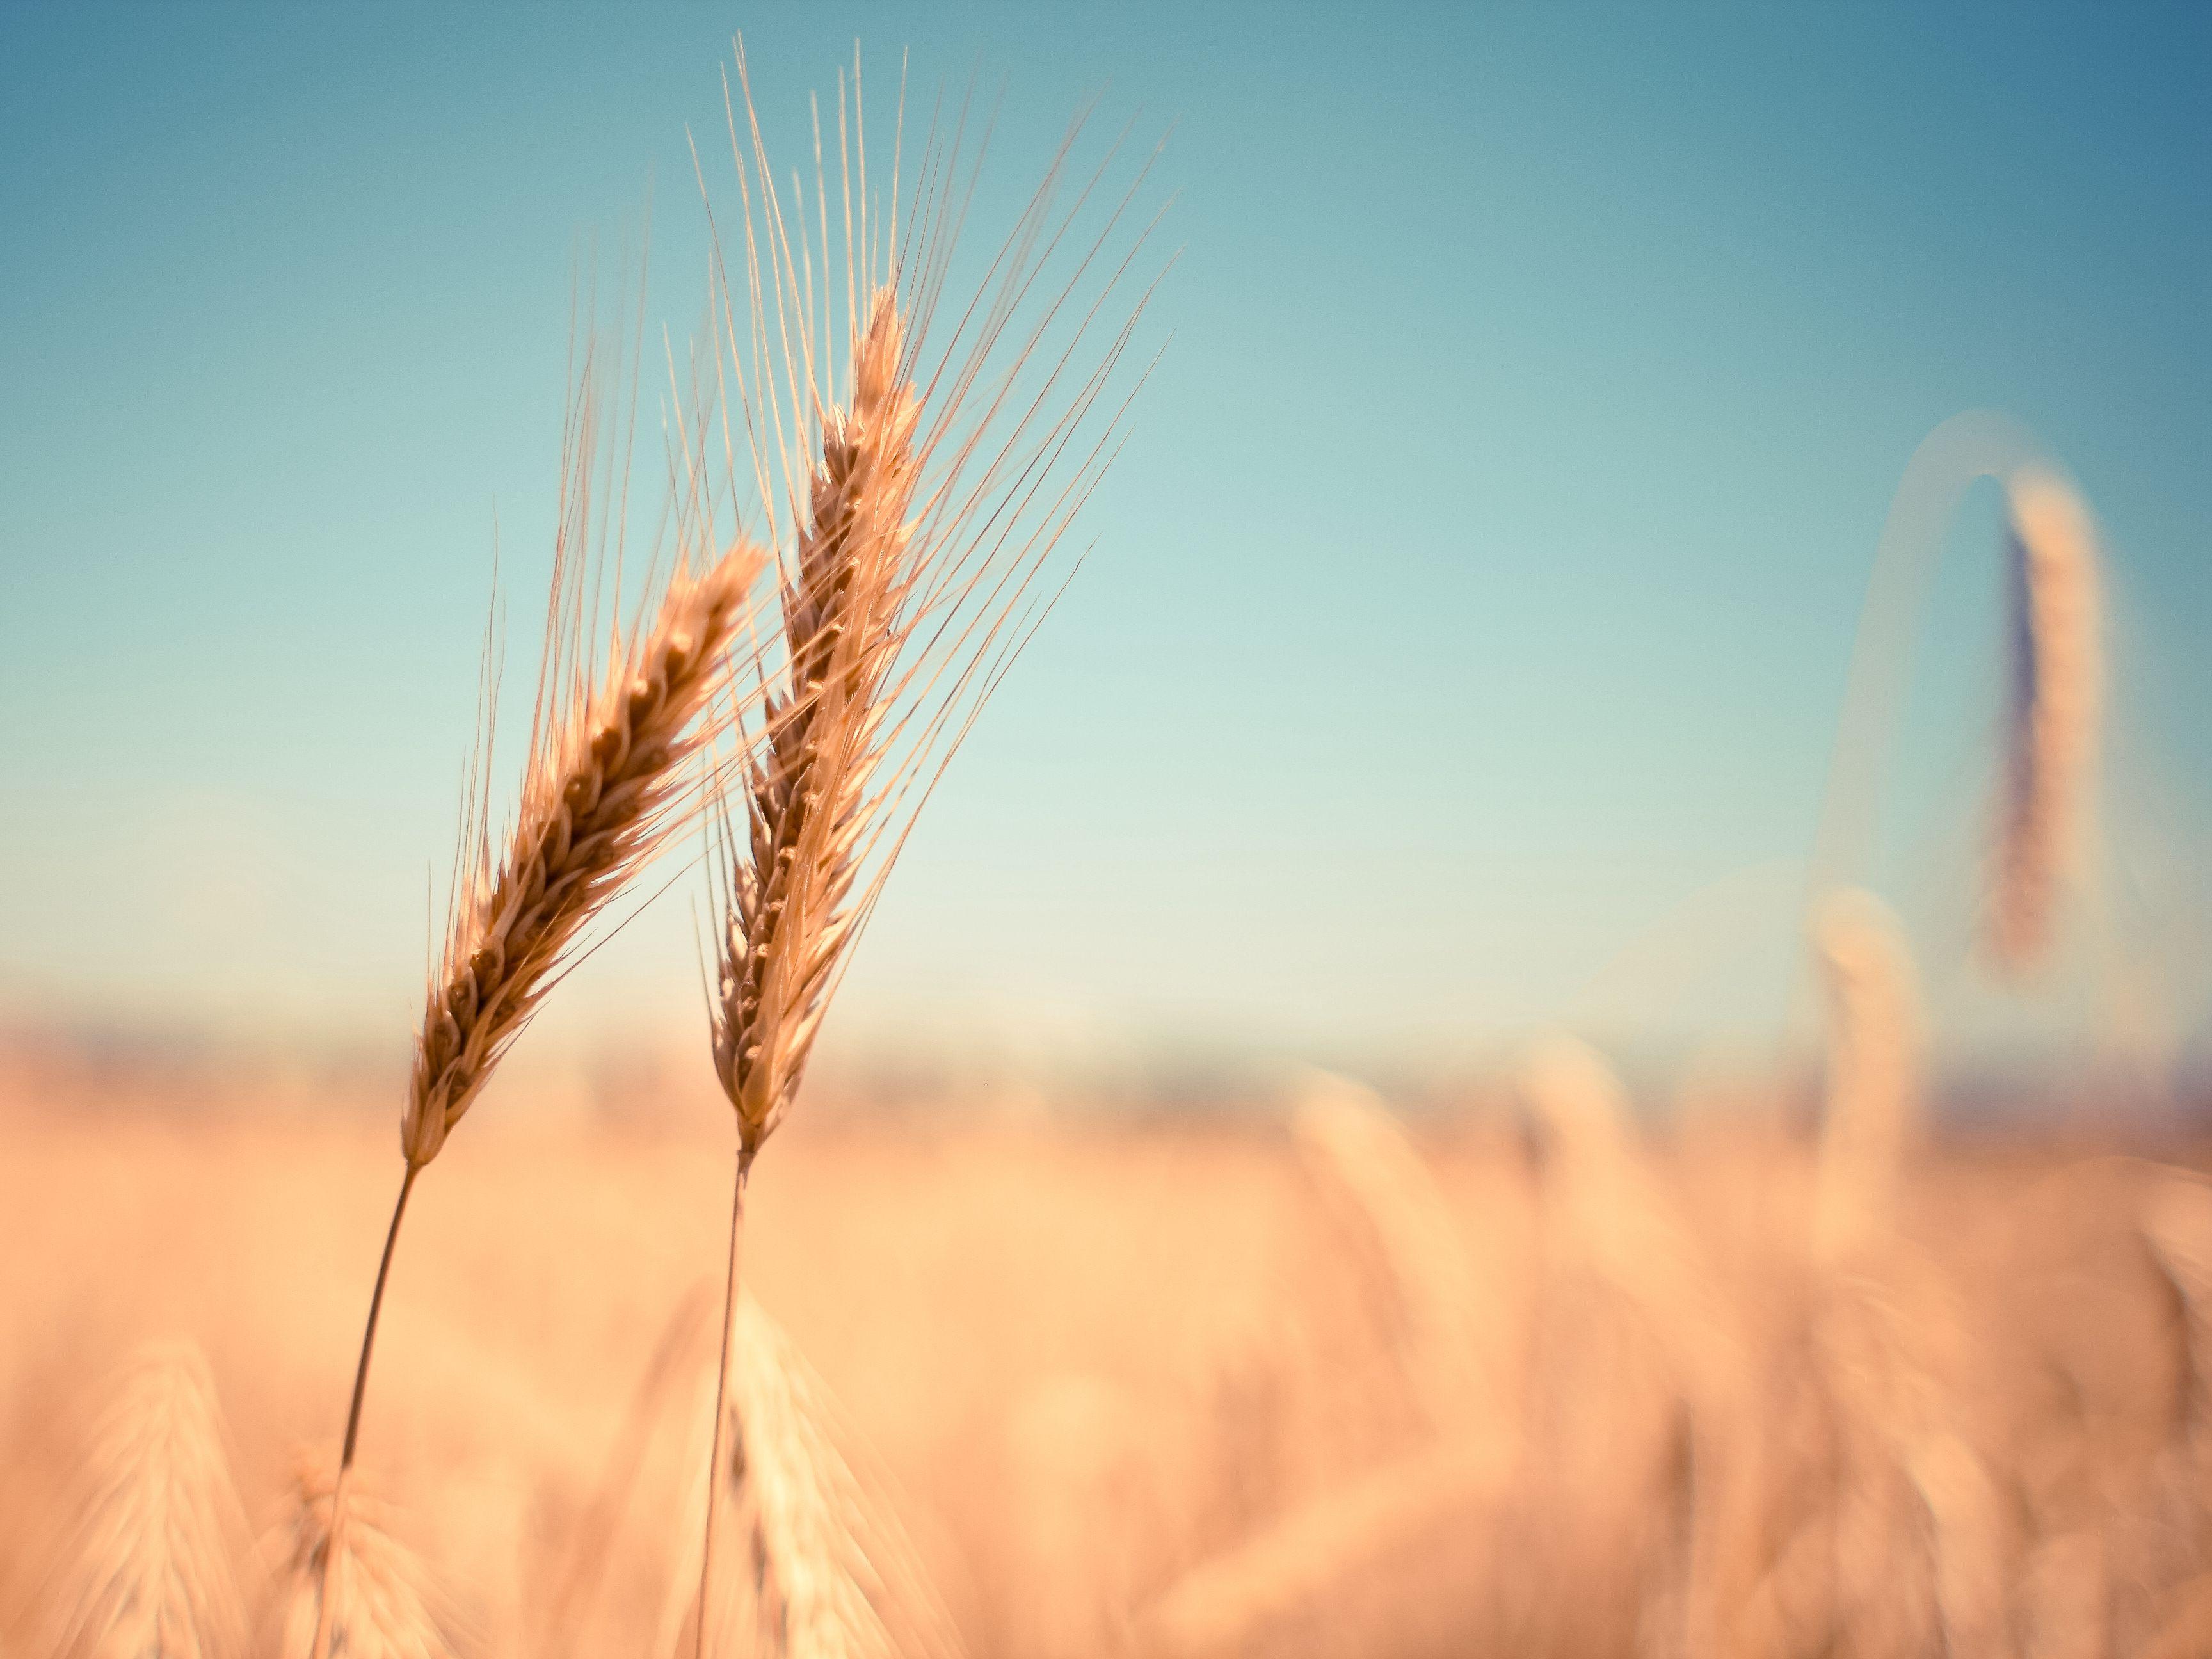 王益民:产业生态战略分析--以农业产业为例 }